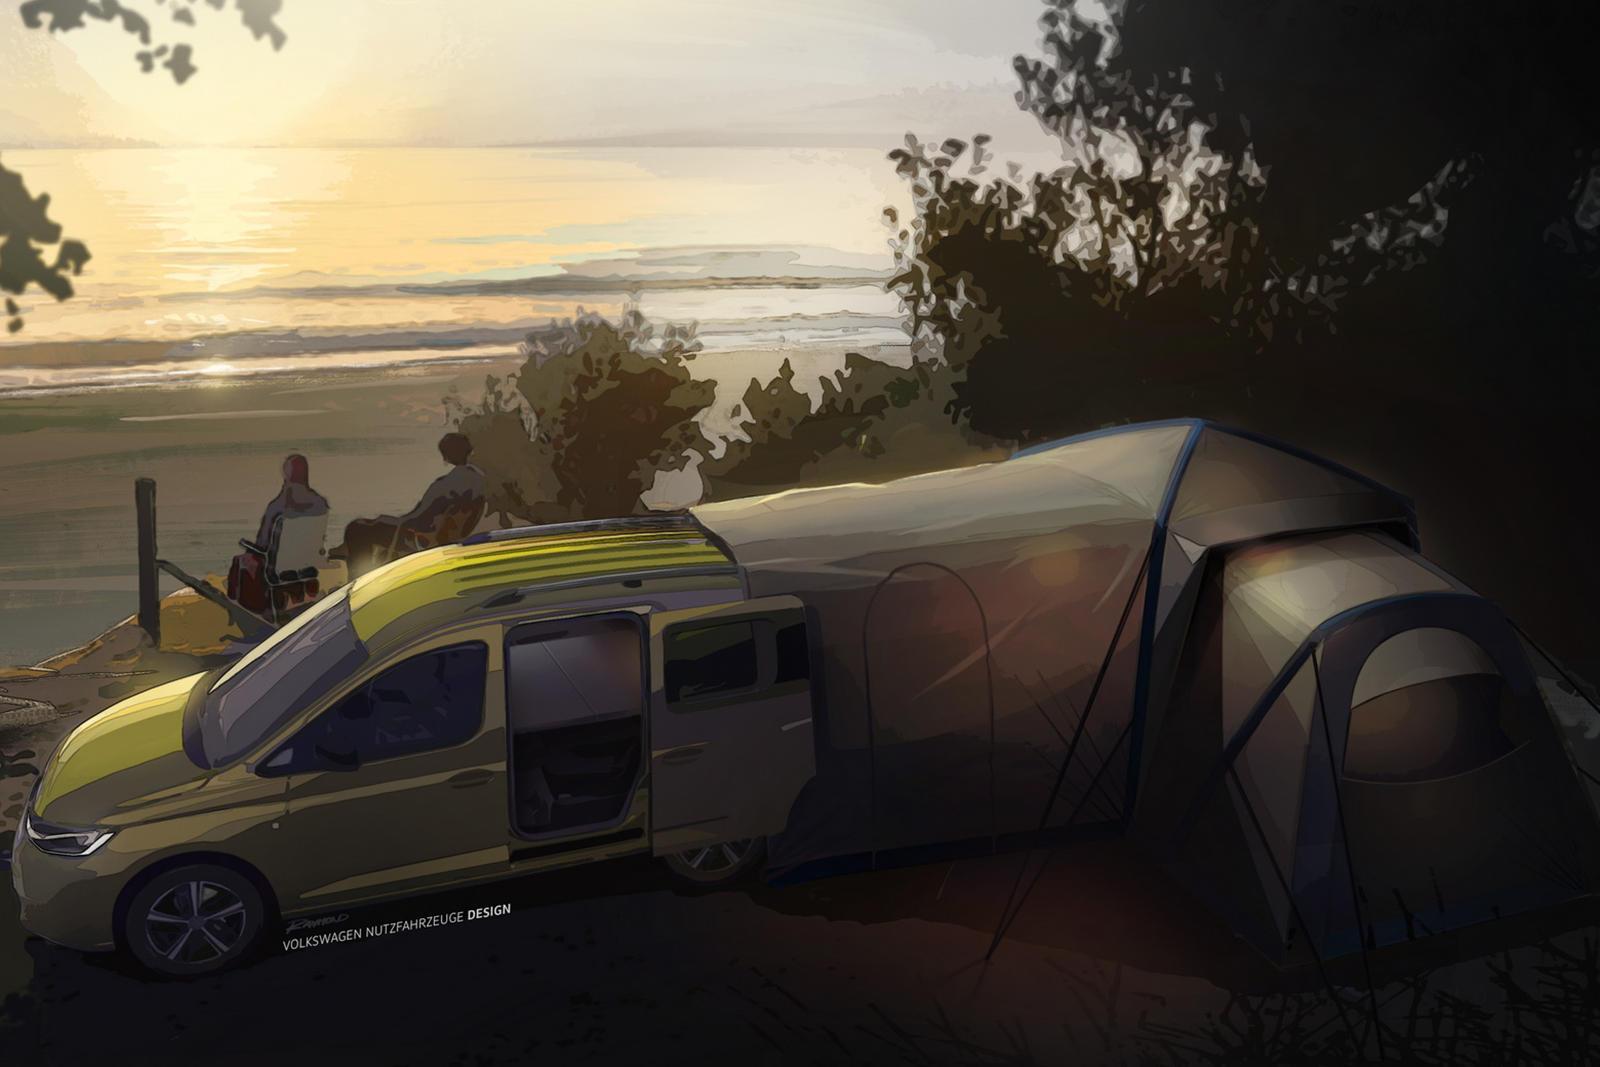 Volkswagen's New Mini-Camper Is For The Adventurous